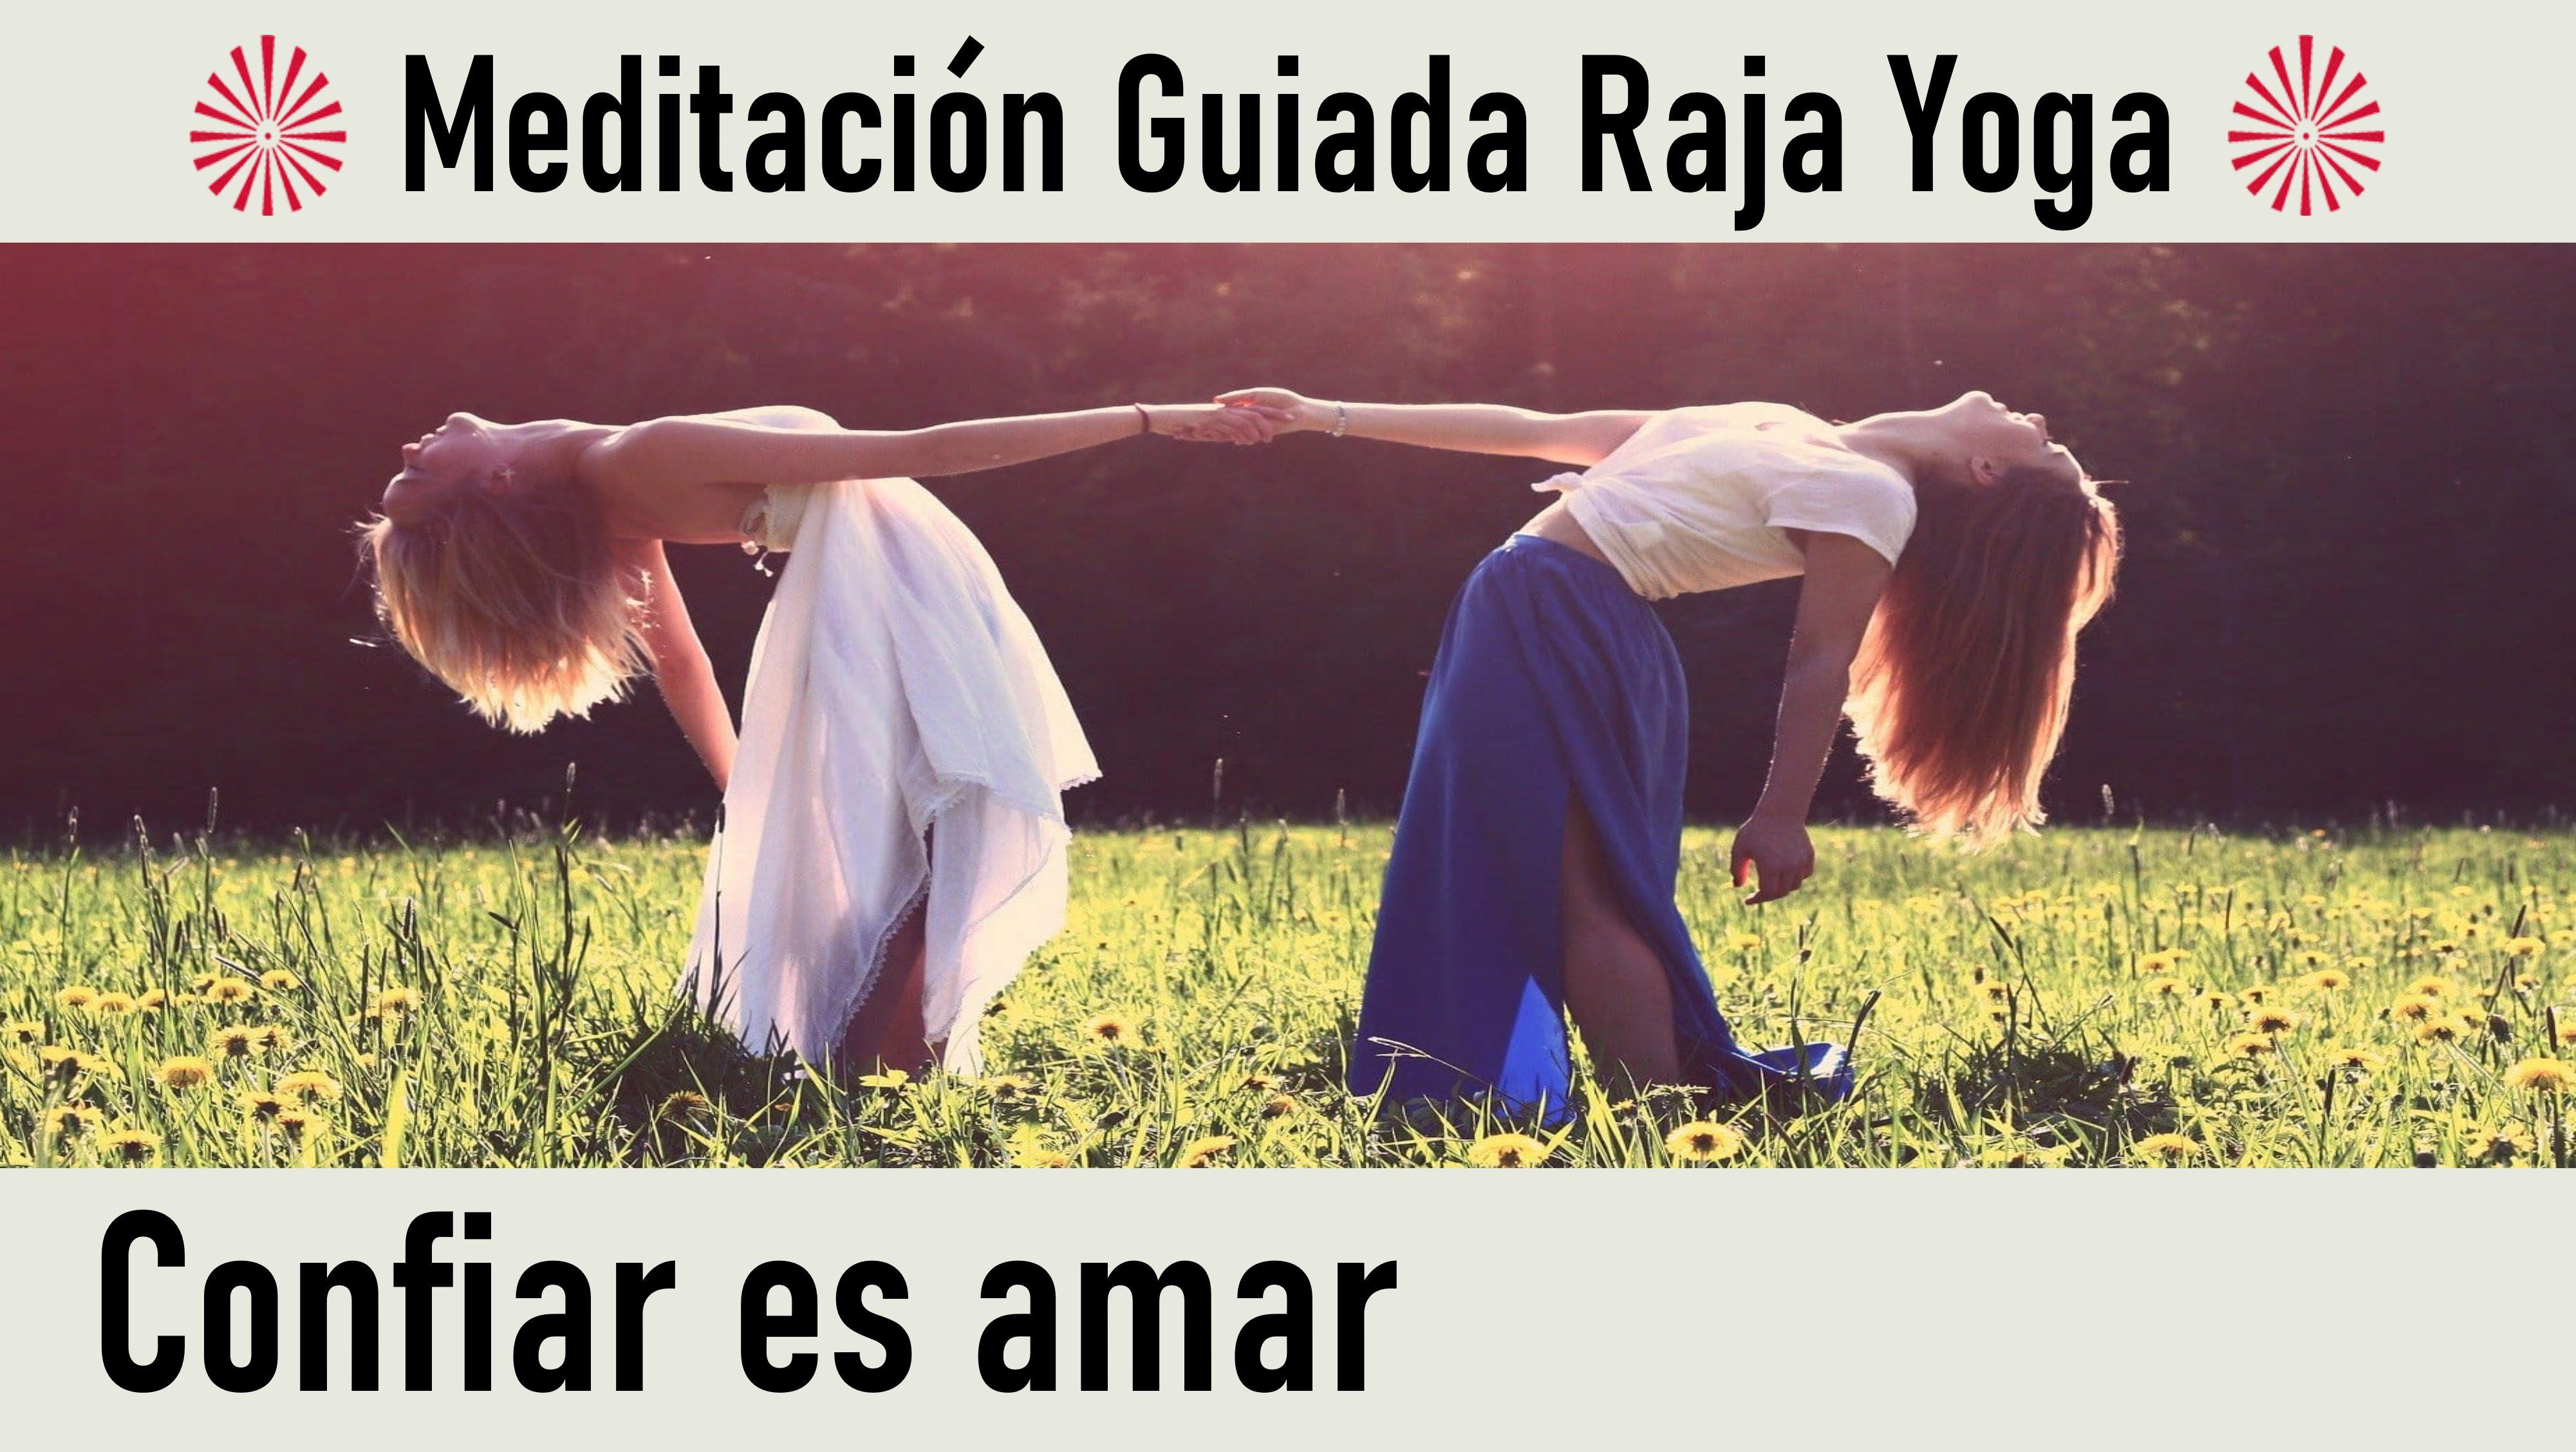 26 Mayo 2020 Meditación Guiada: Confiar es amar